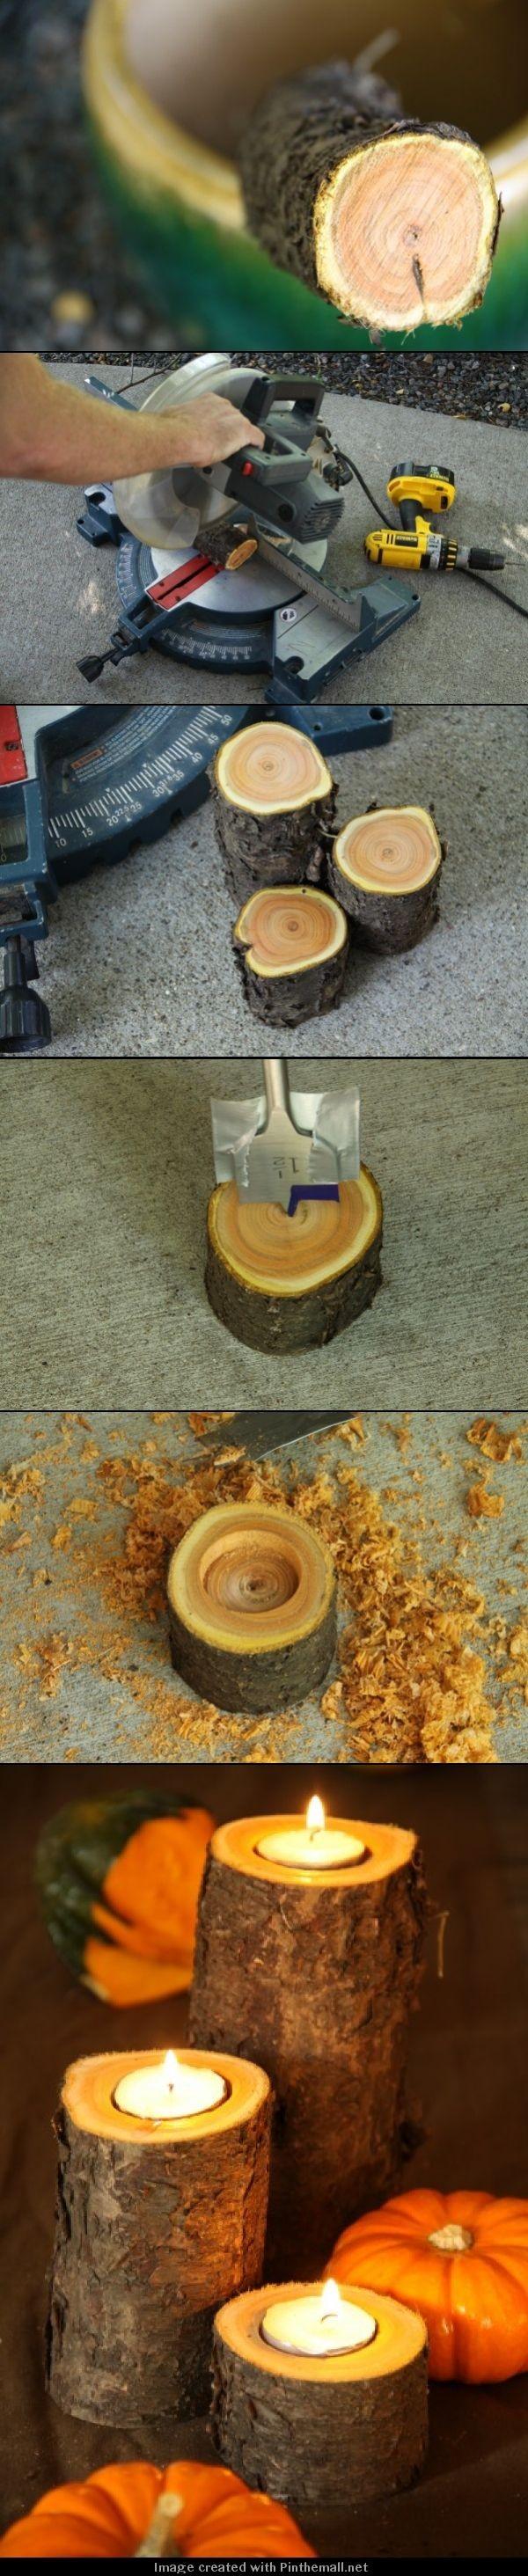 DIY candle holder8